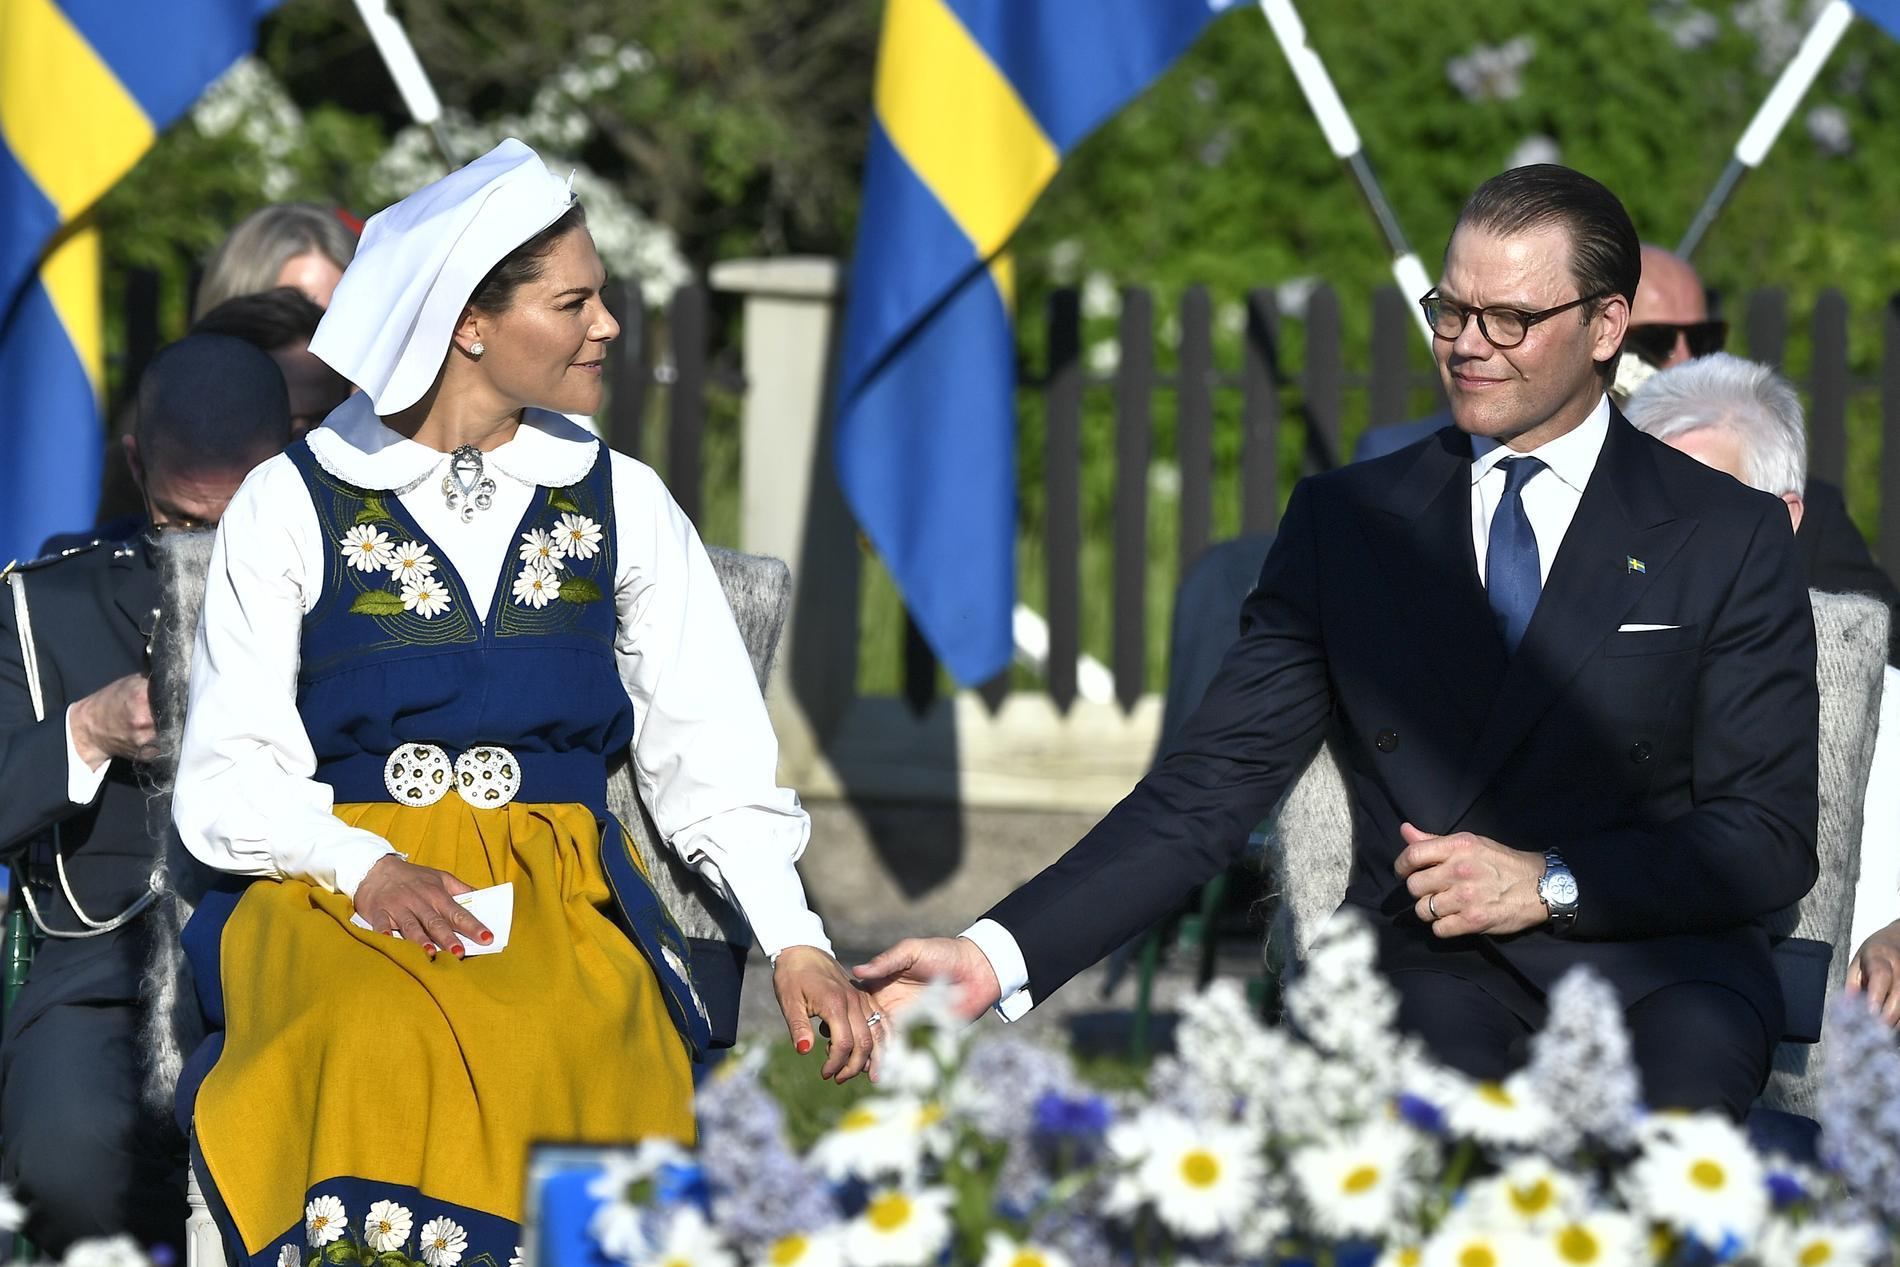 Kronprinsessan Victoria och prins Daniel njuter av varandras sällskap under nationaldagsfirandet på Skansen.